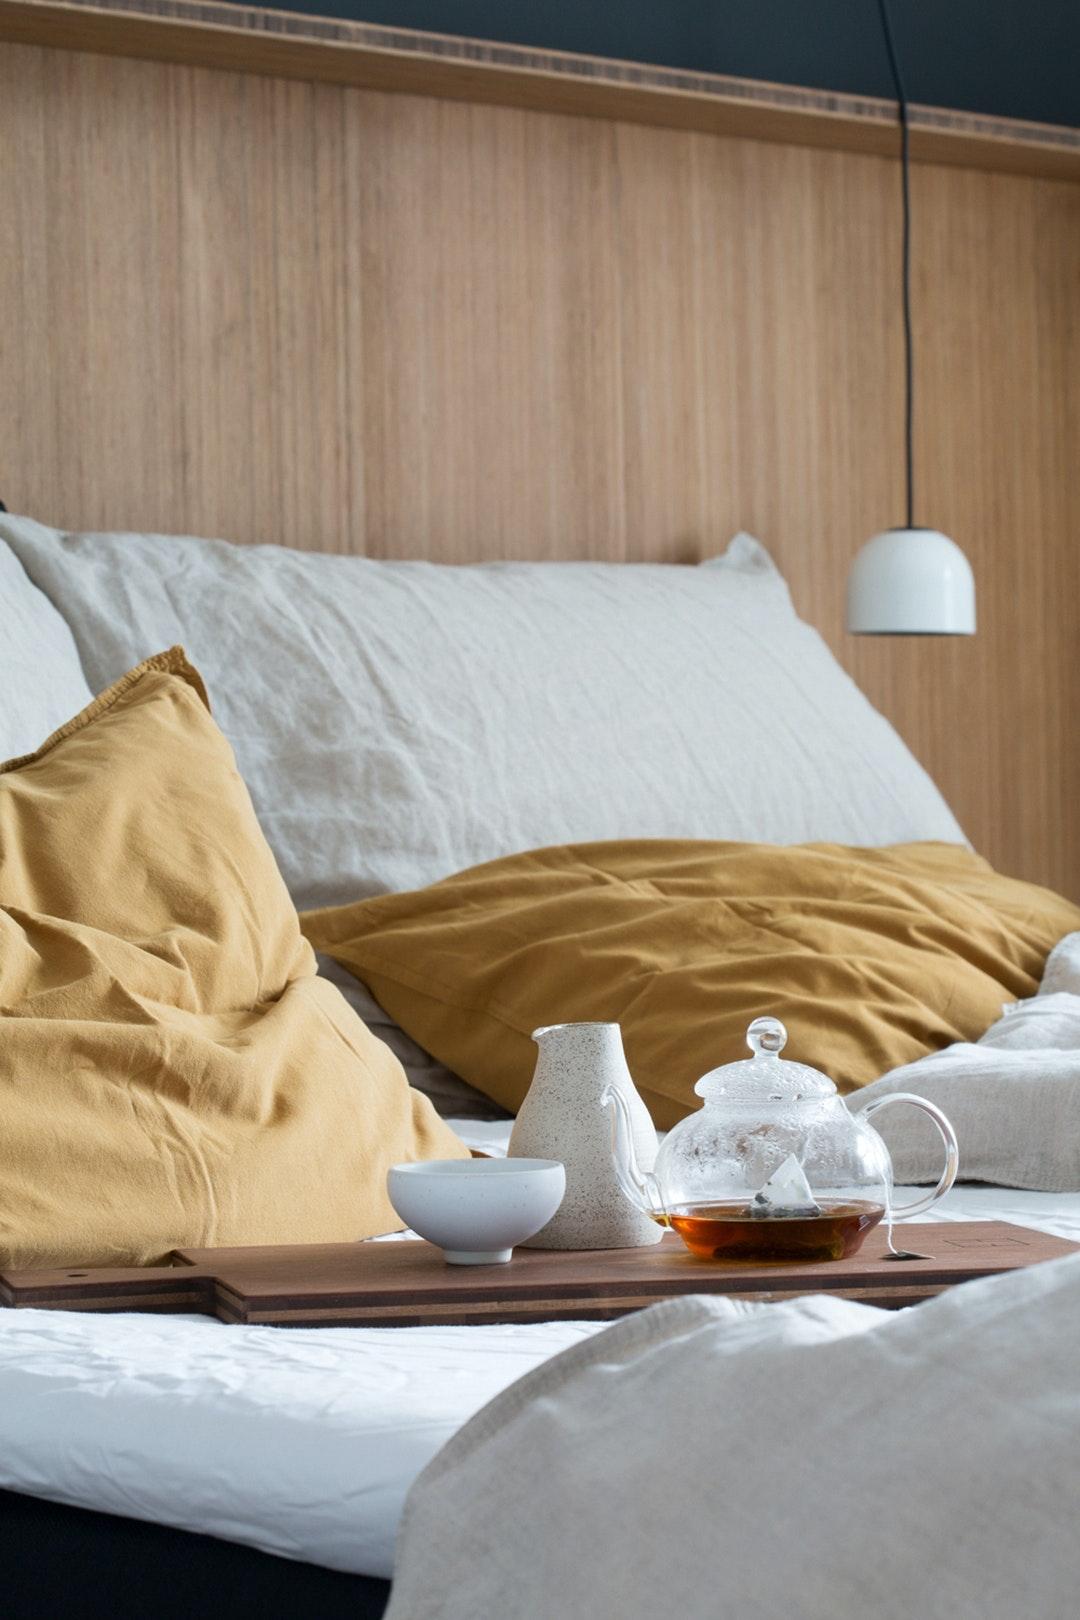 Se Designerparrets Beundringsvaerdige Sovevaerelse Bobedre Dk